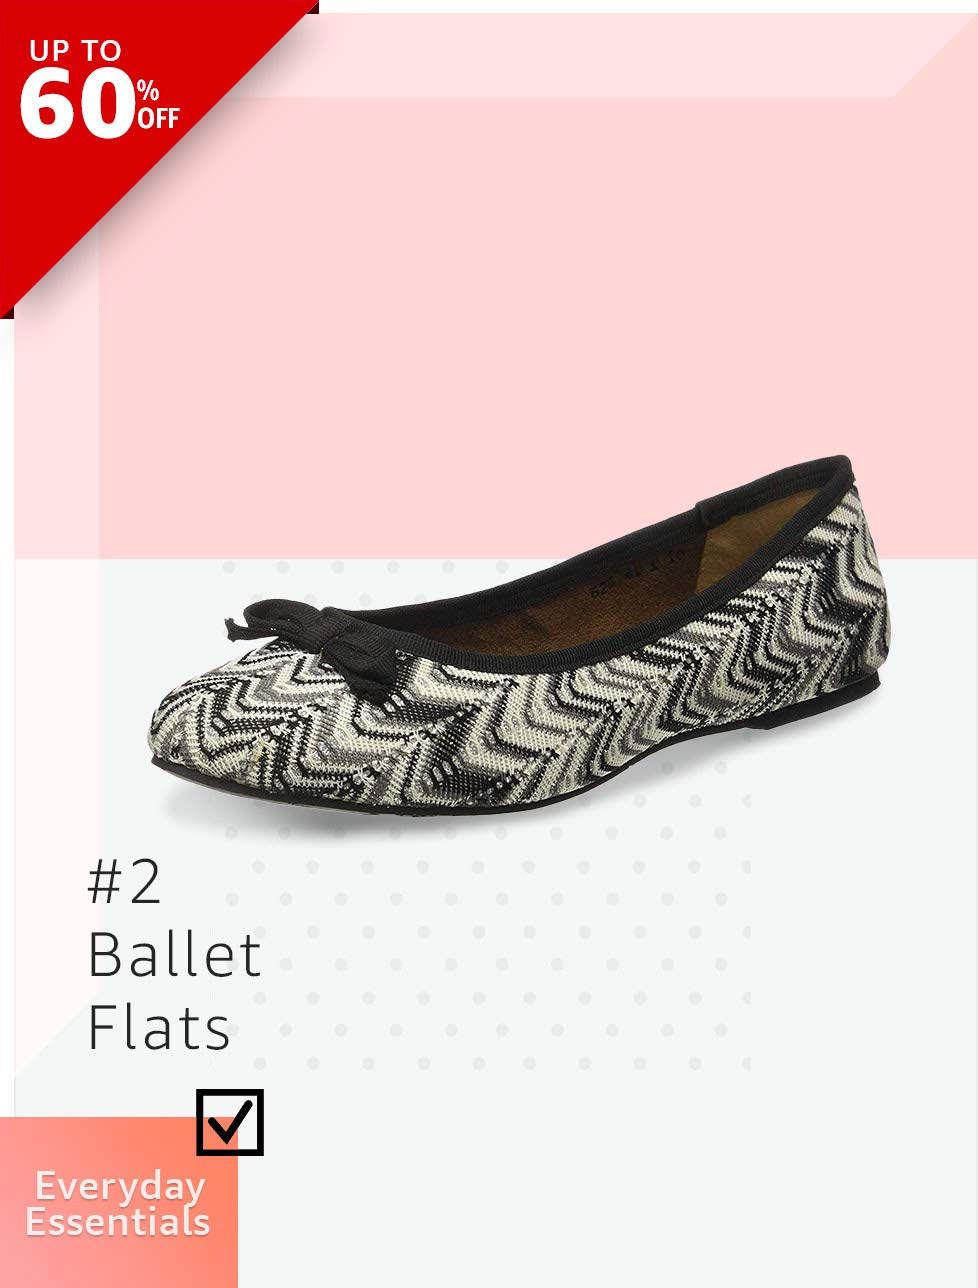 341b0ea98 Ballet Flats · Flip Flops · Comfy Heels · Women s Shoes